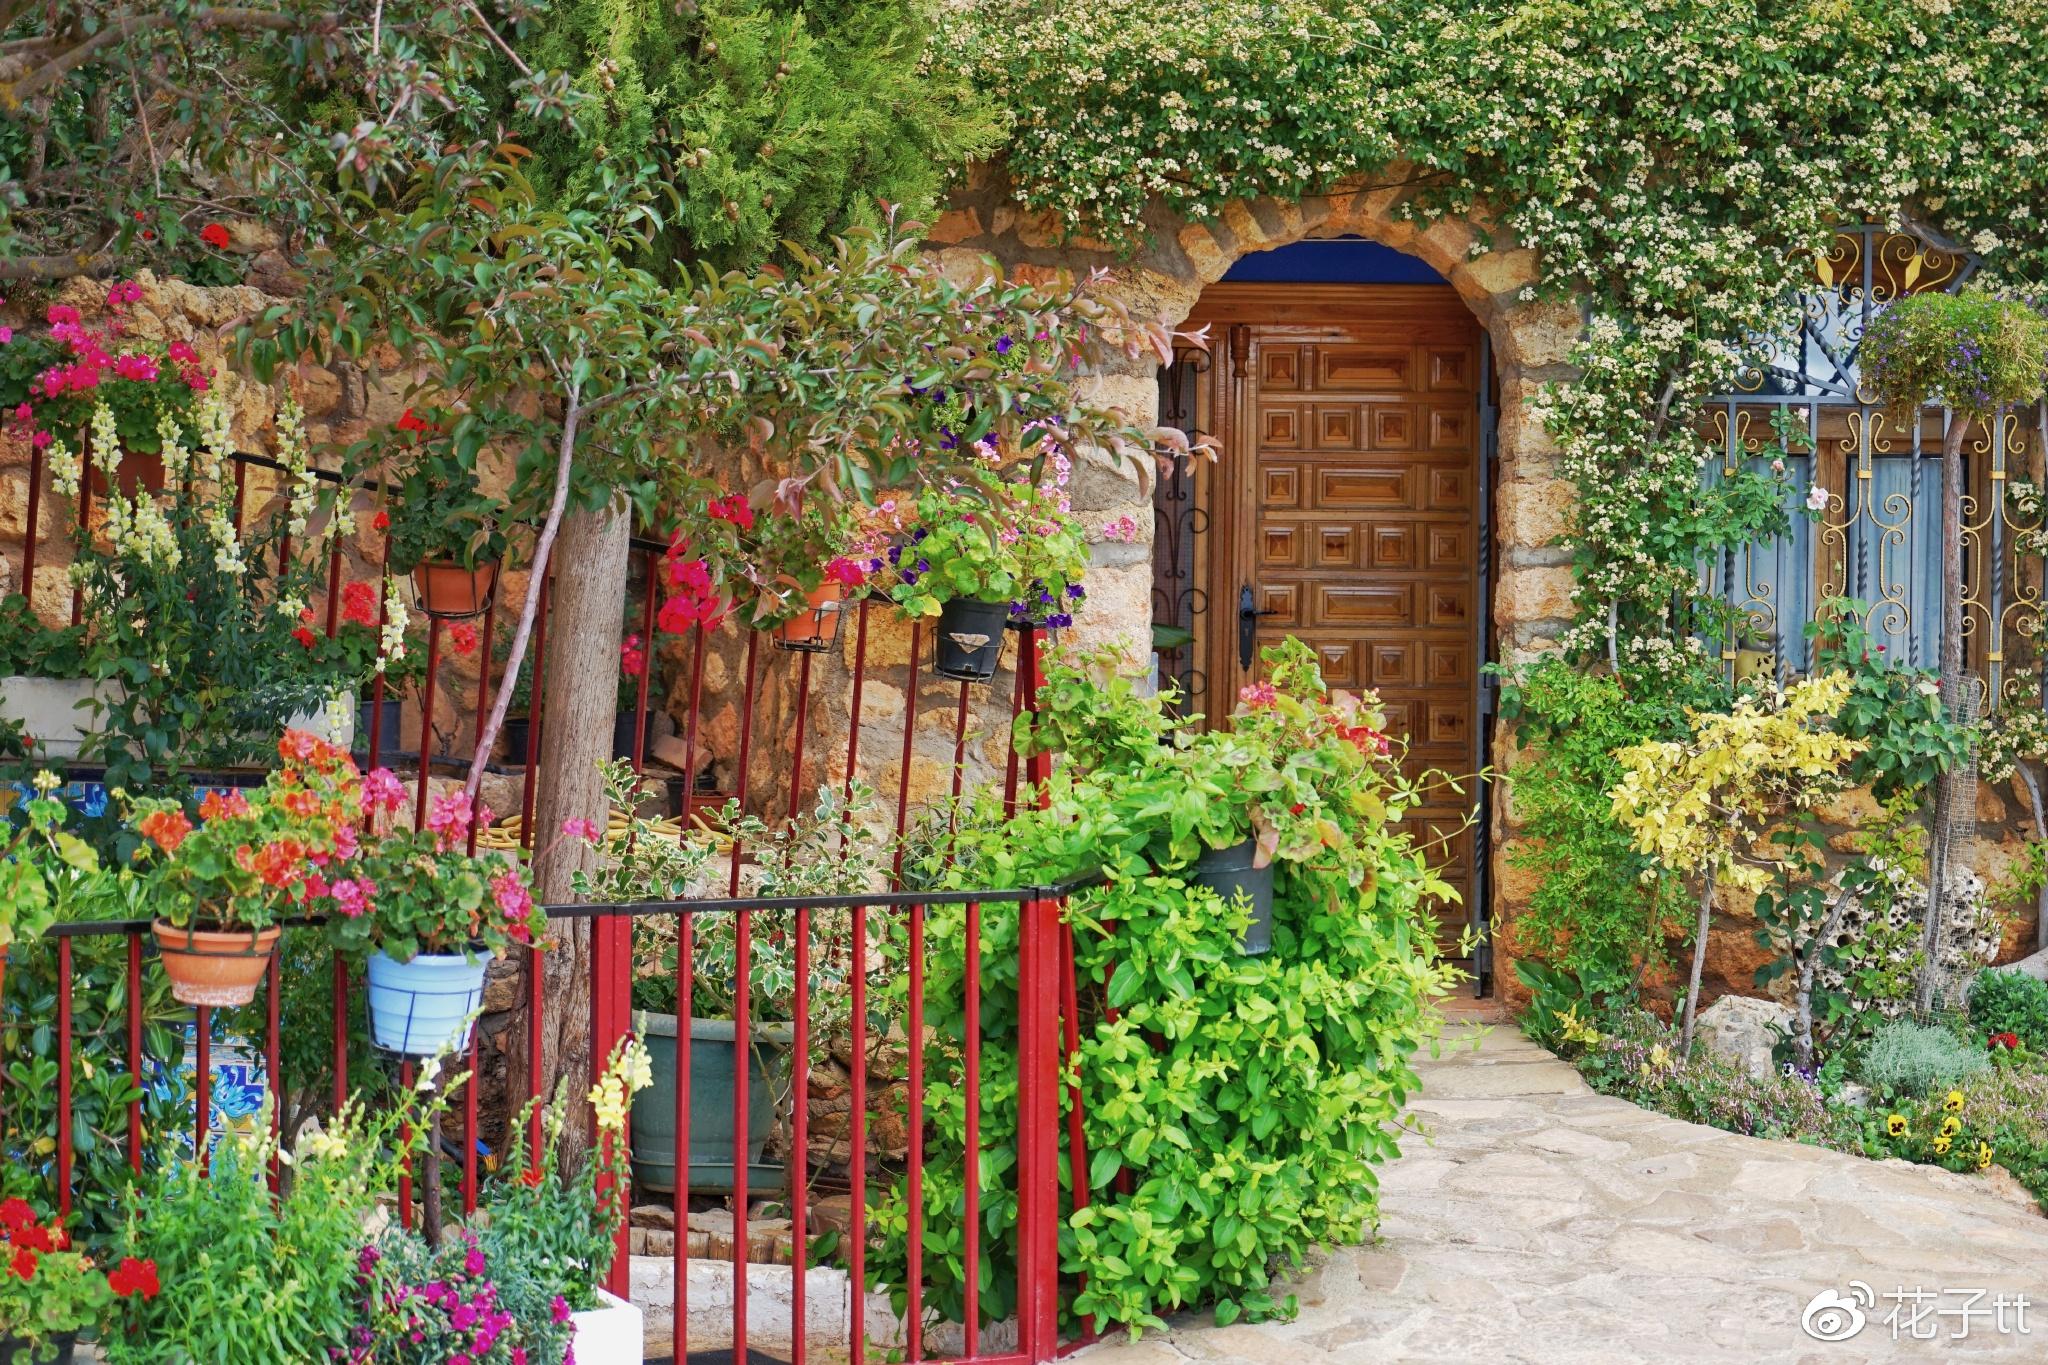 【西班牙】只有45个常住居民的小镇,有着世外桃源般的美景